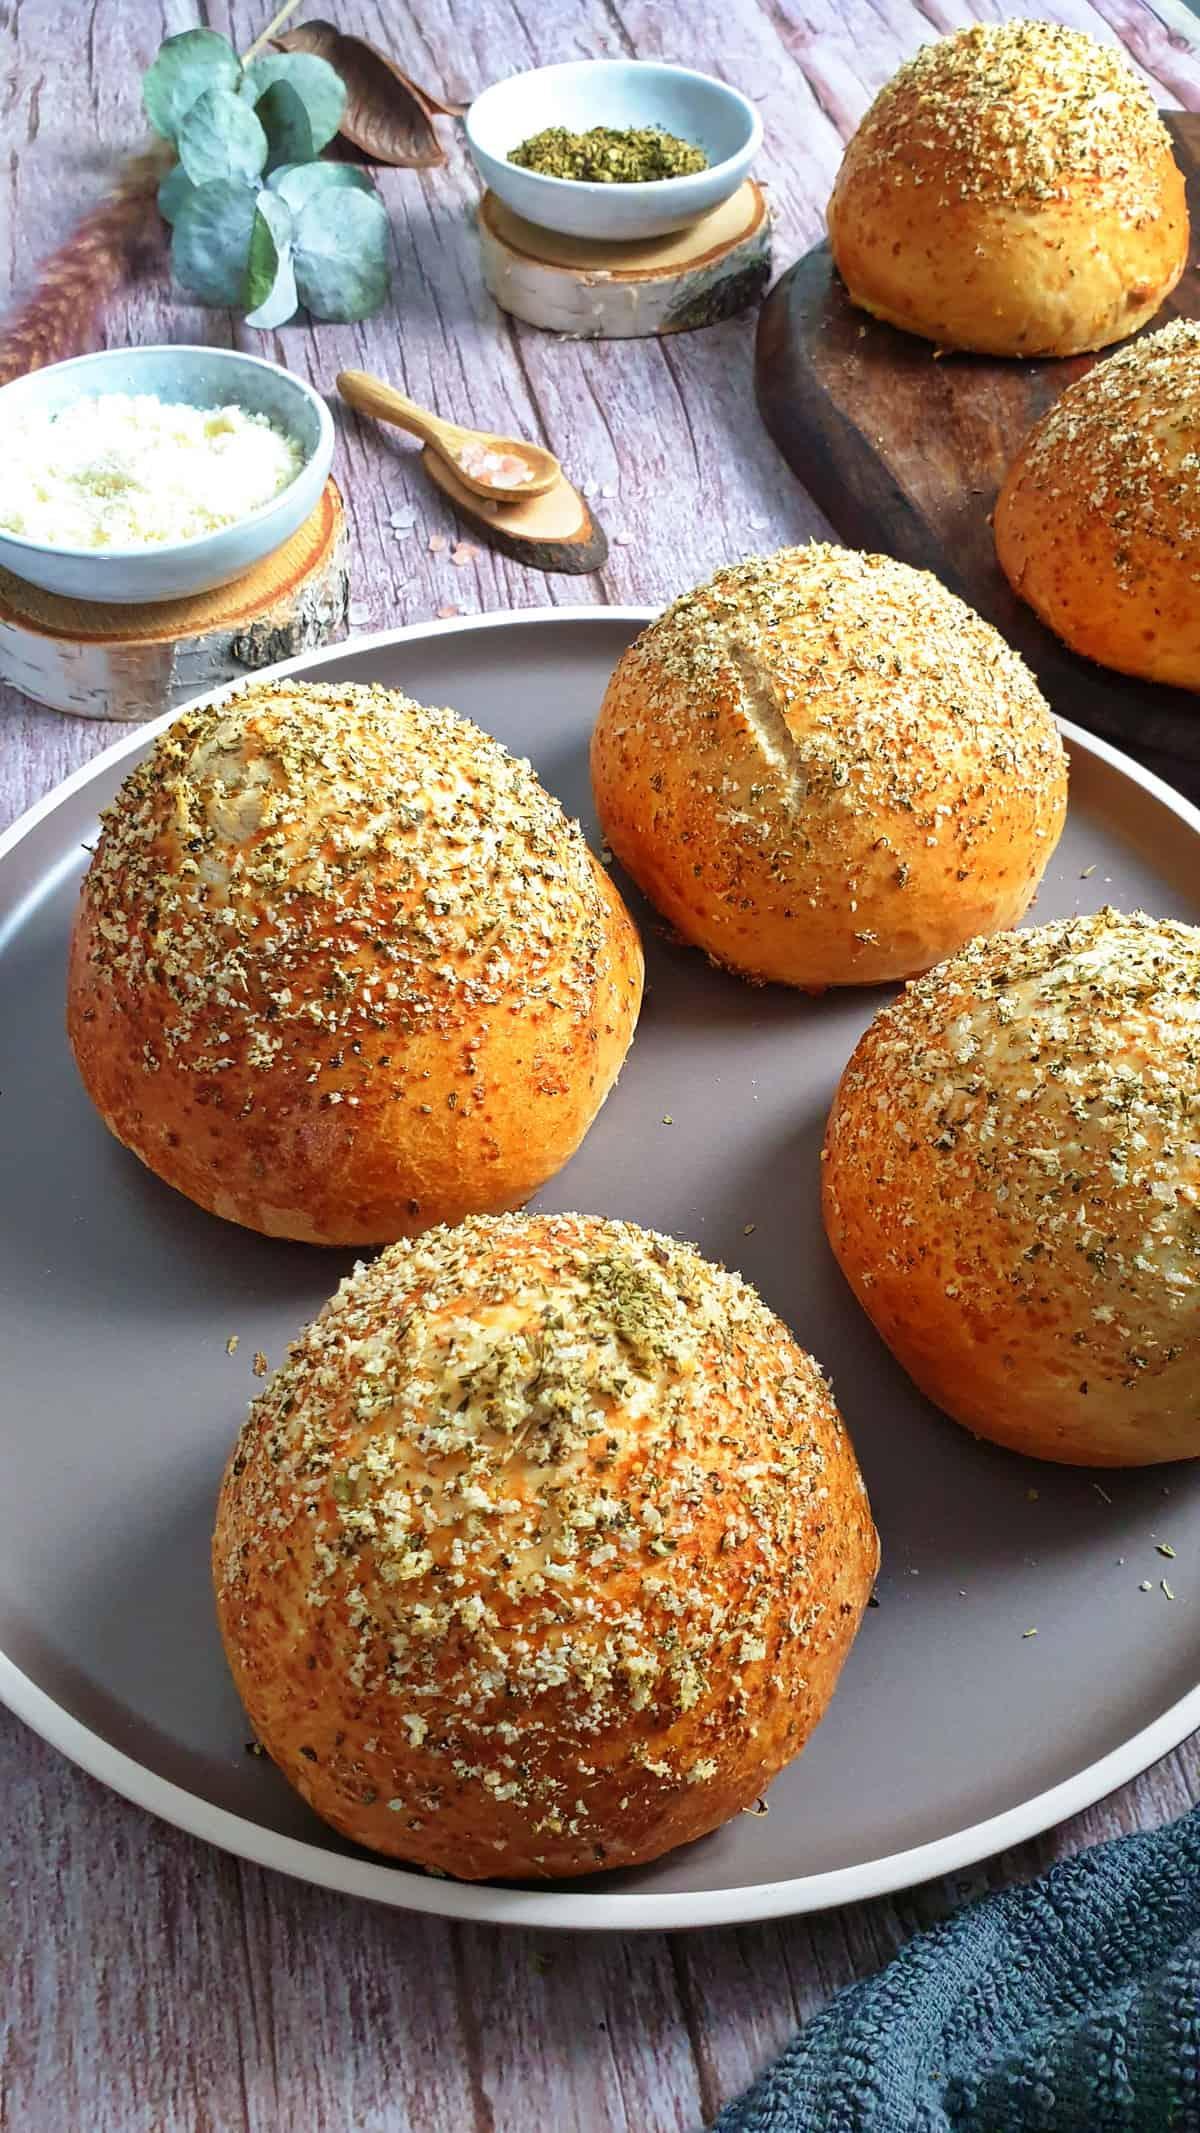 Auf einem braunen Teller vier Burger Brötchen mit Parmesan Oregano Kruste. Im Hintergrund Deko.